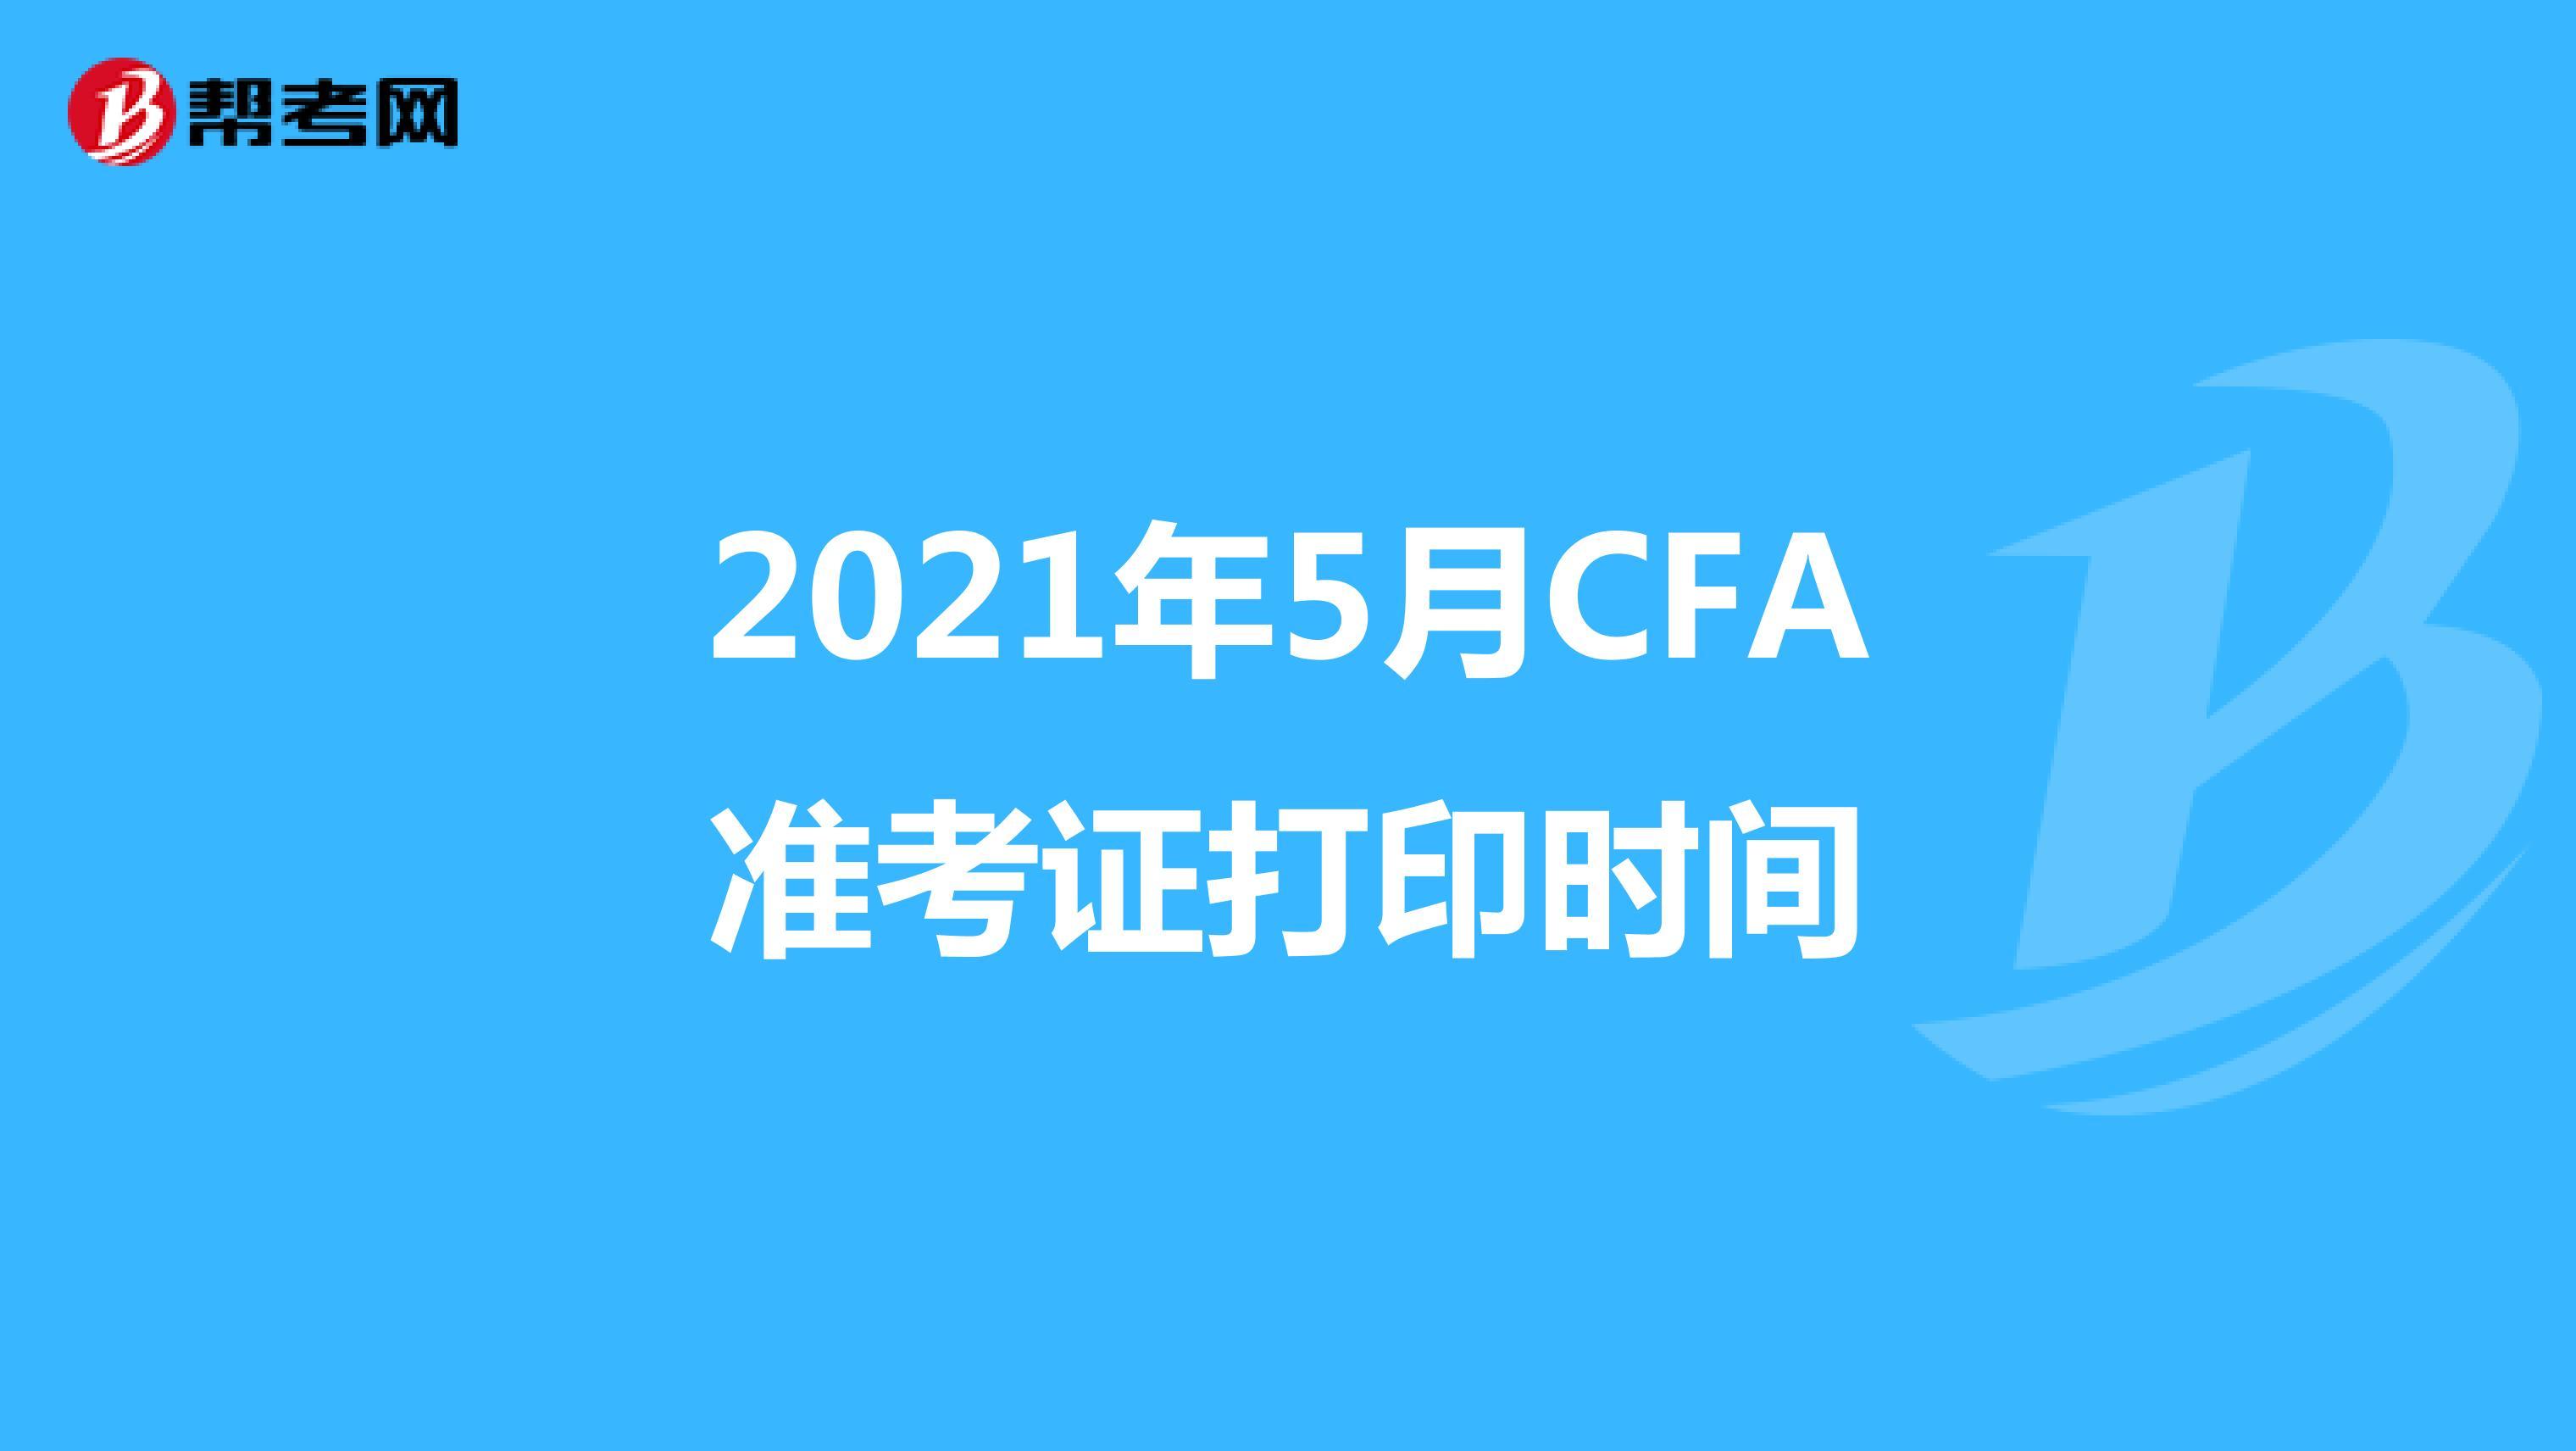 2021年5月CFA準考證打印時間